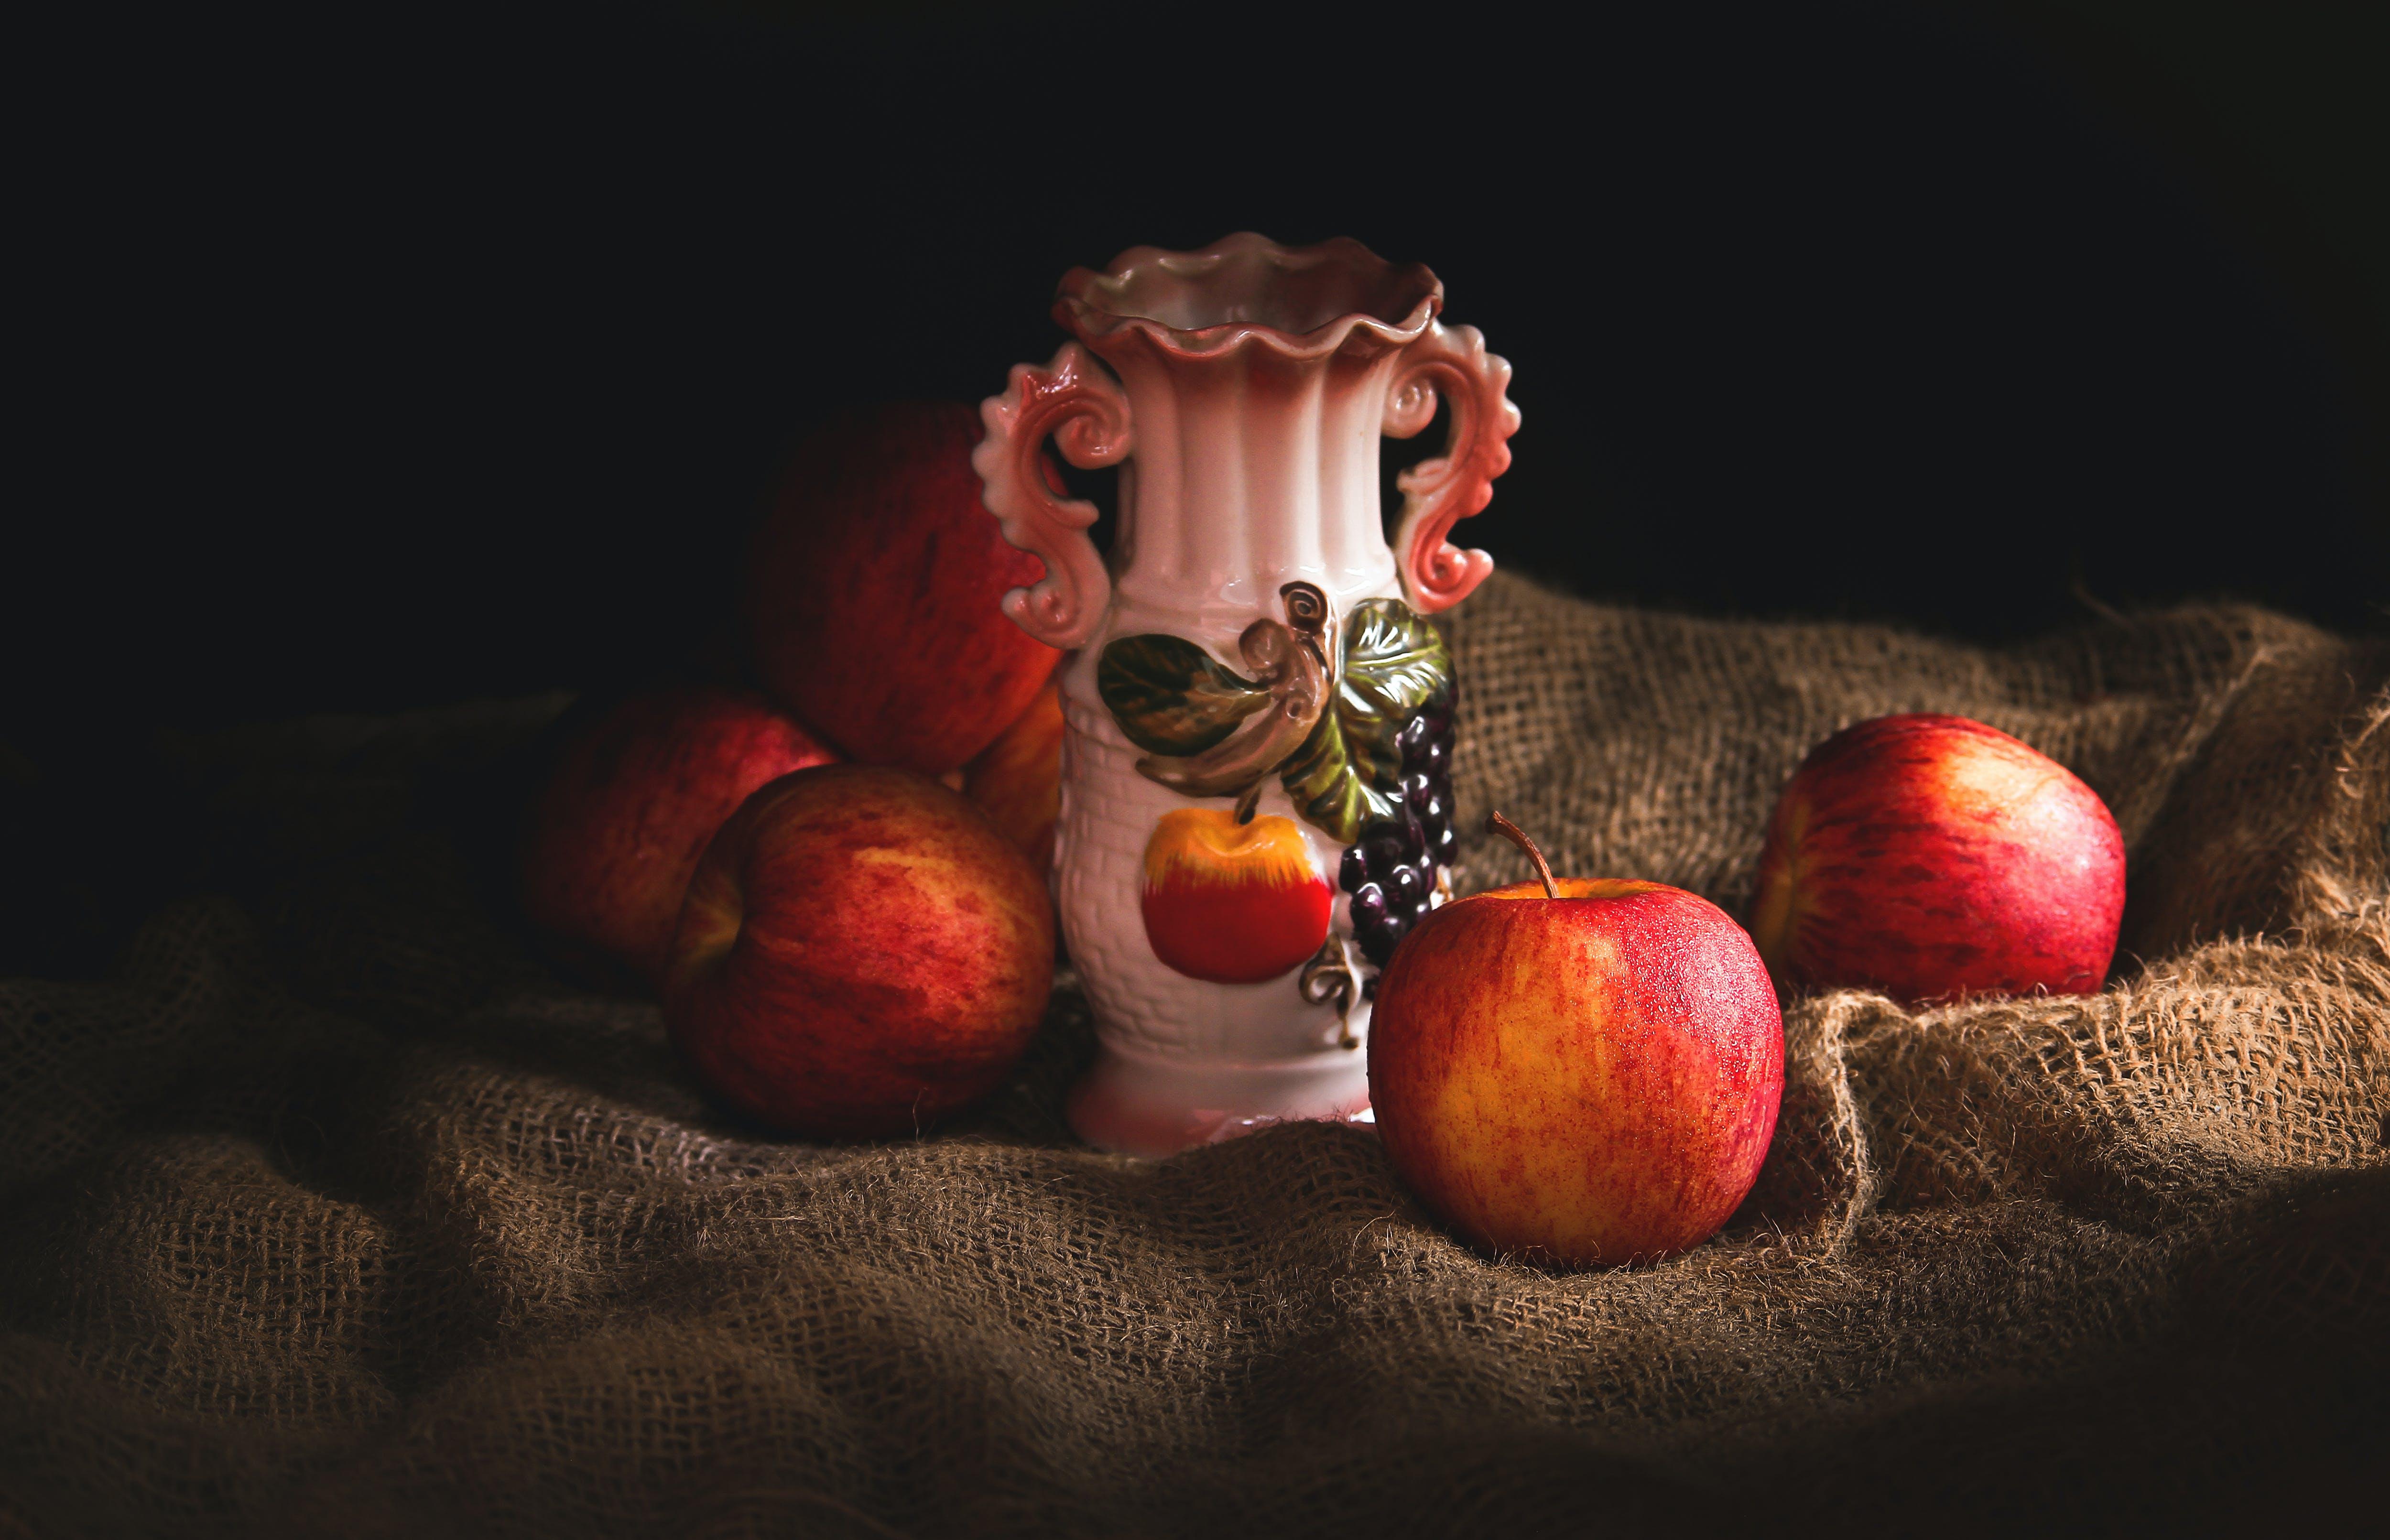 Ingyenes stockfotó 4k-háttérkép, almák, asztali háttérkép, csemege témában